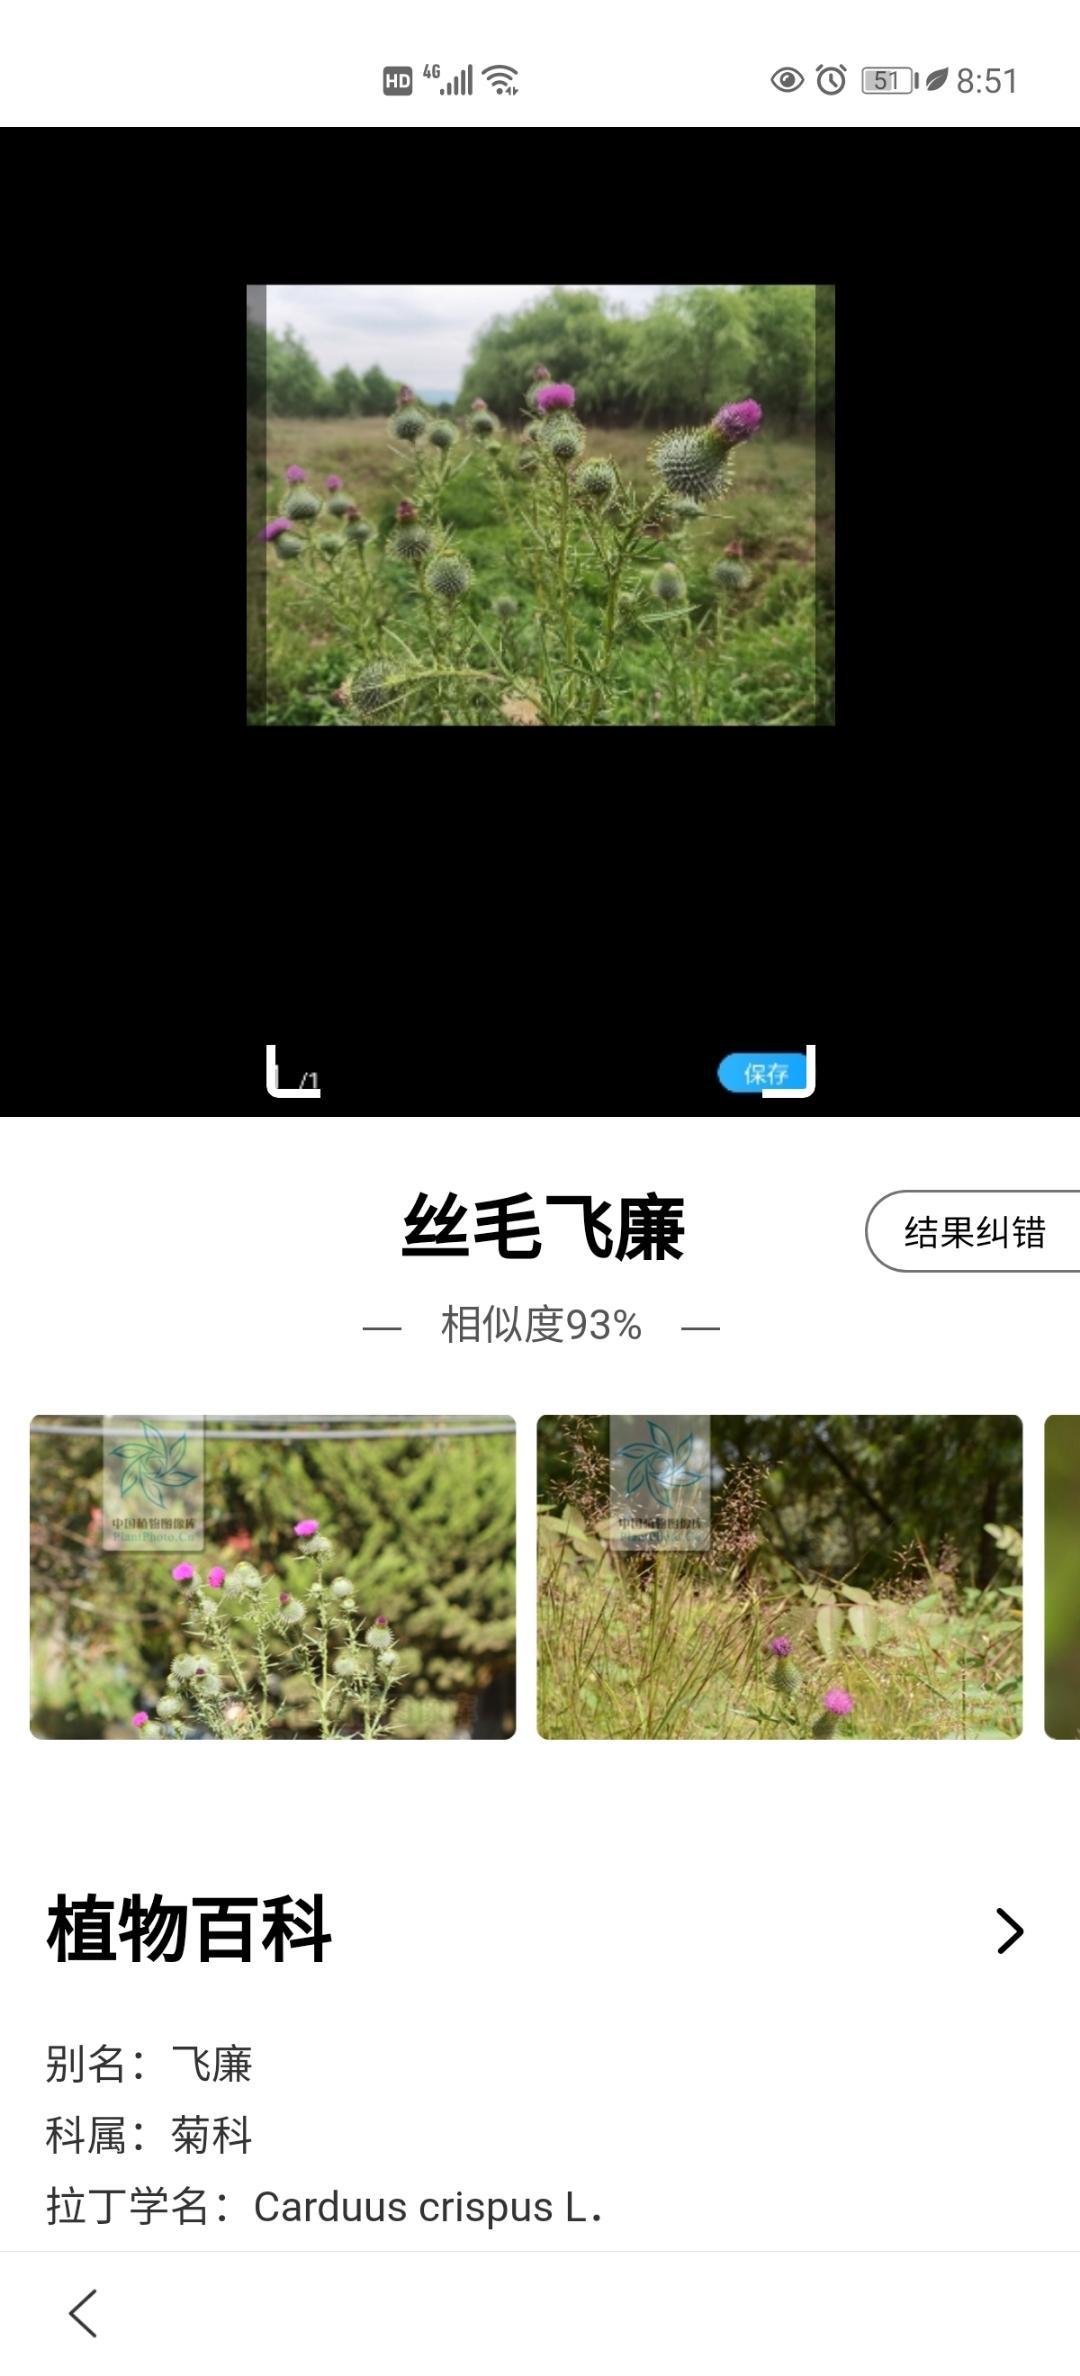 Screenshot_20200521_205159_com.baidu.searchbox.jpg